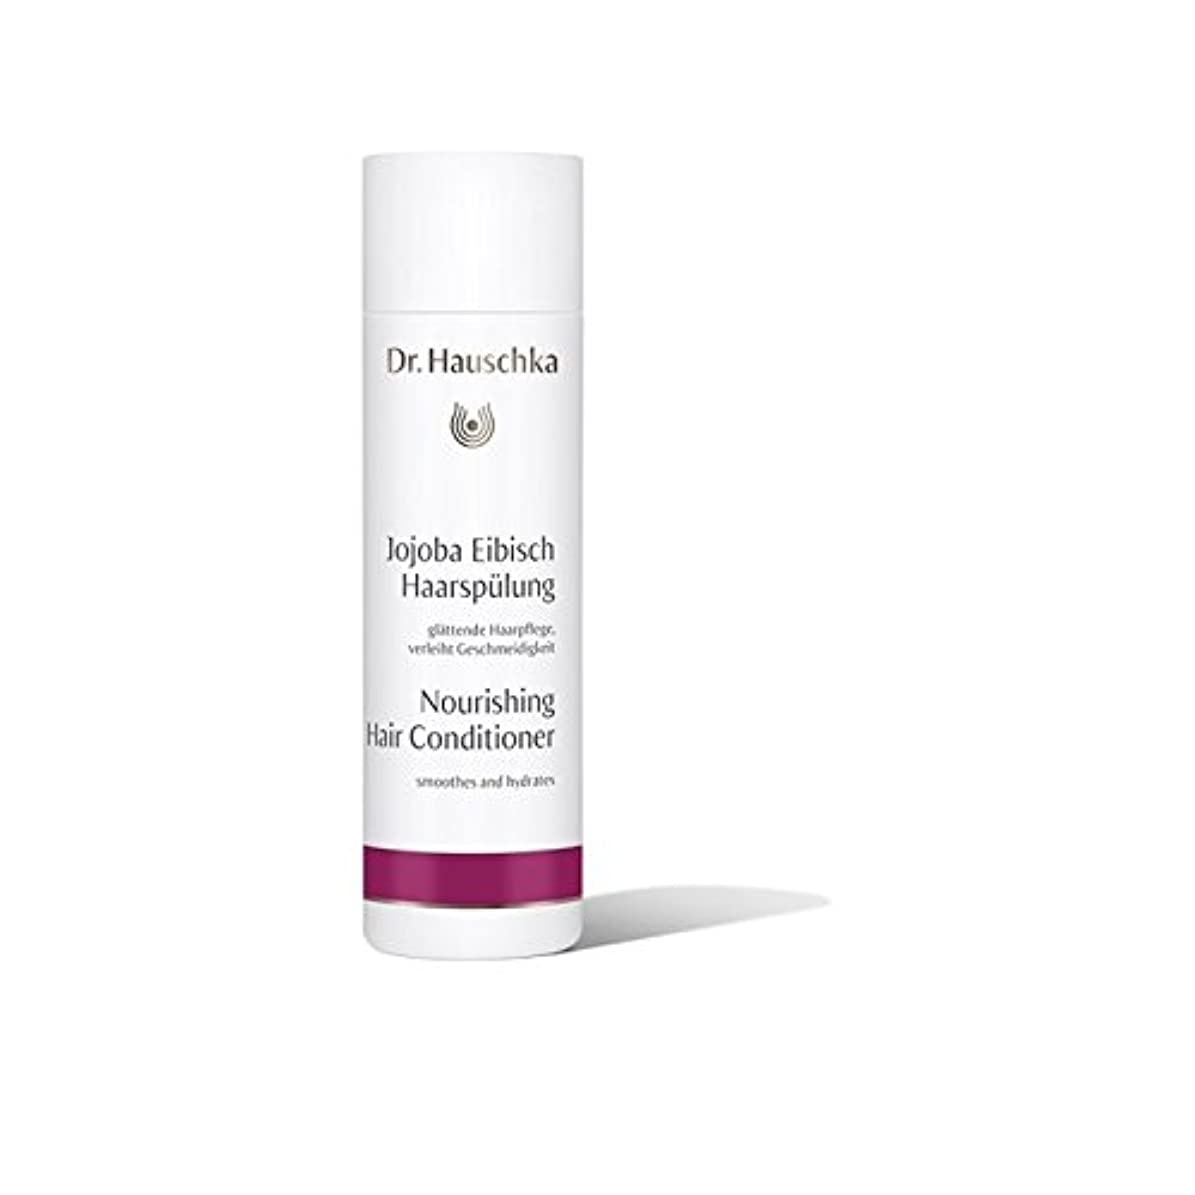 歴史的文庫本統治するDr. Hauschka Nourishing Hair Conditioner (200ml) - ハウシュカ栄養ヘアコンディショナー(200ミリリットル) [並行輸入品]